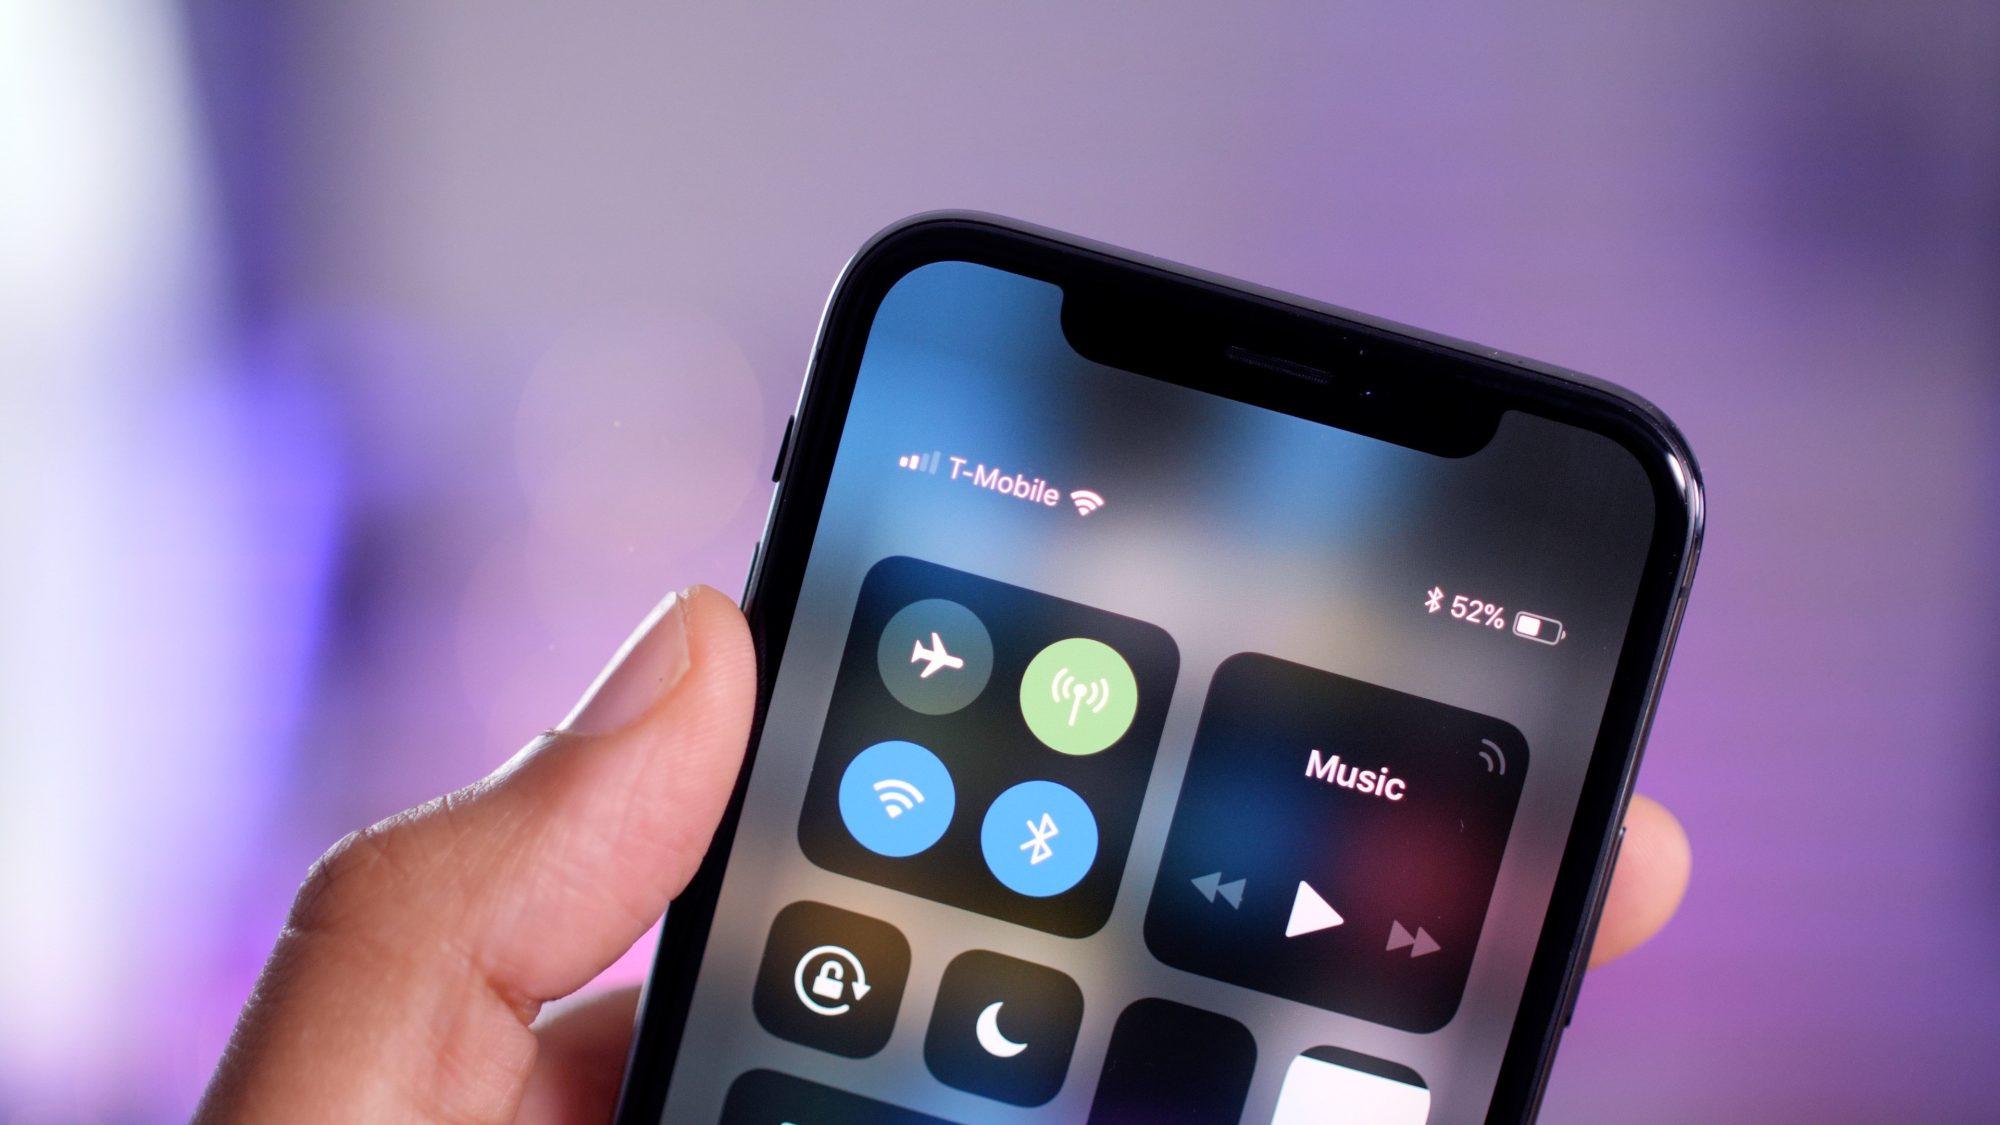 Cách hiển thị phần trăm pin trên iPhone một cách chính xác